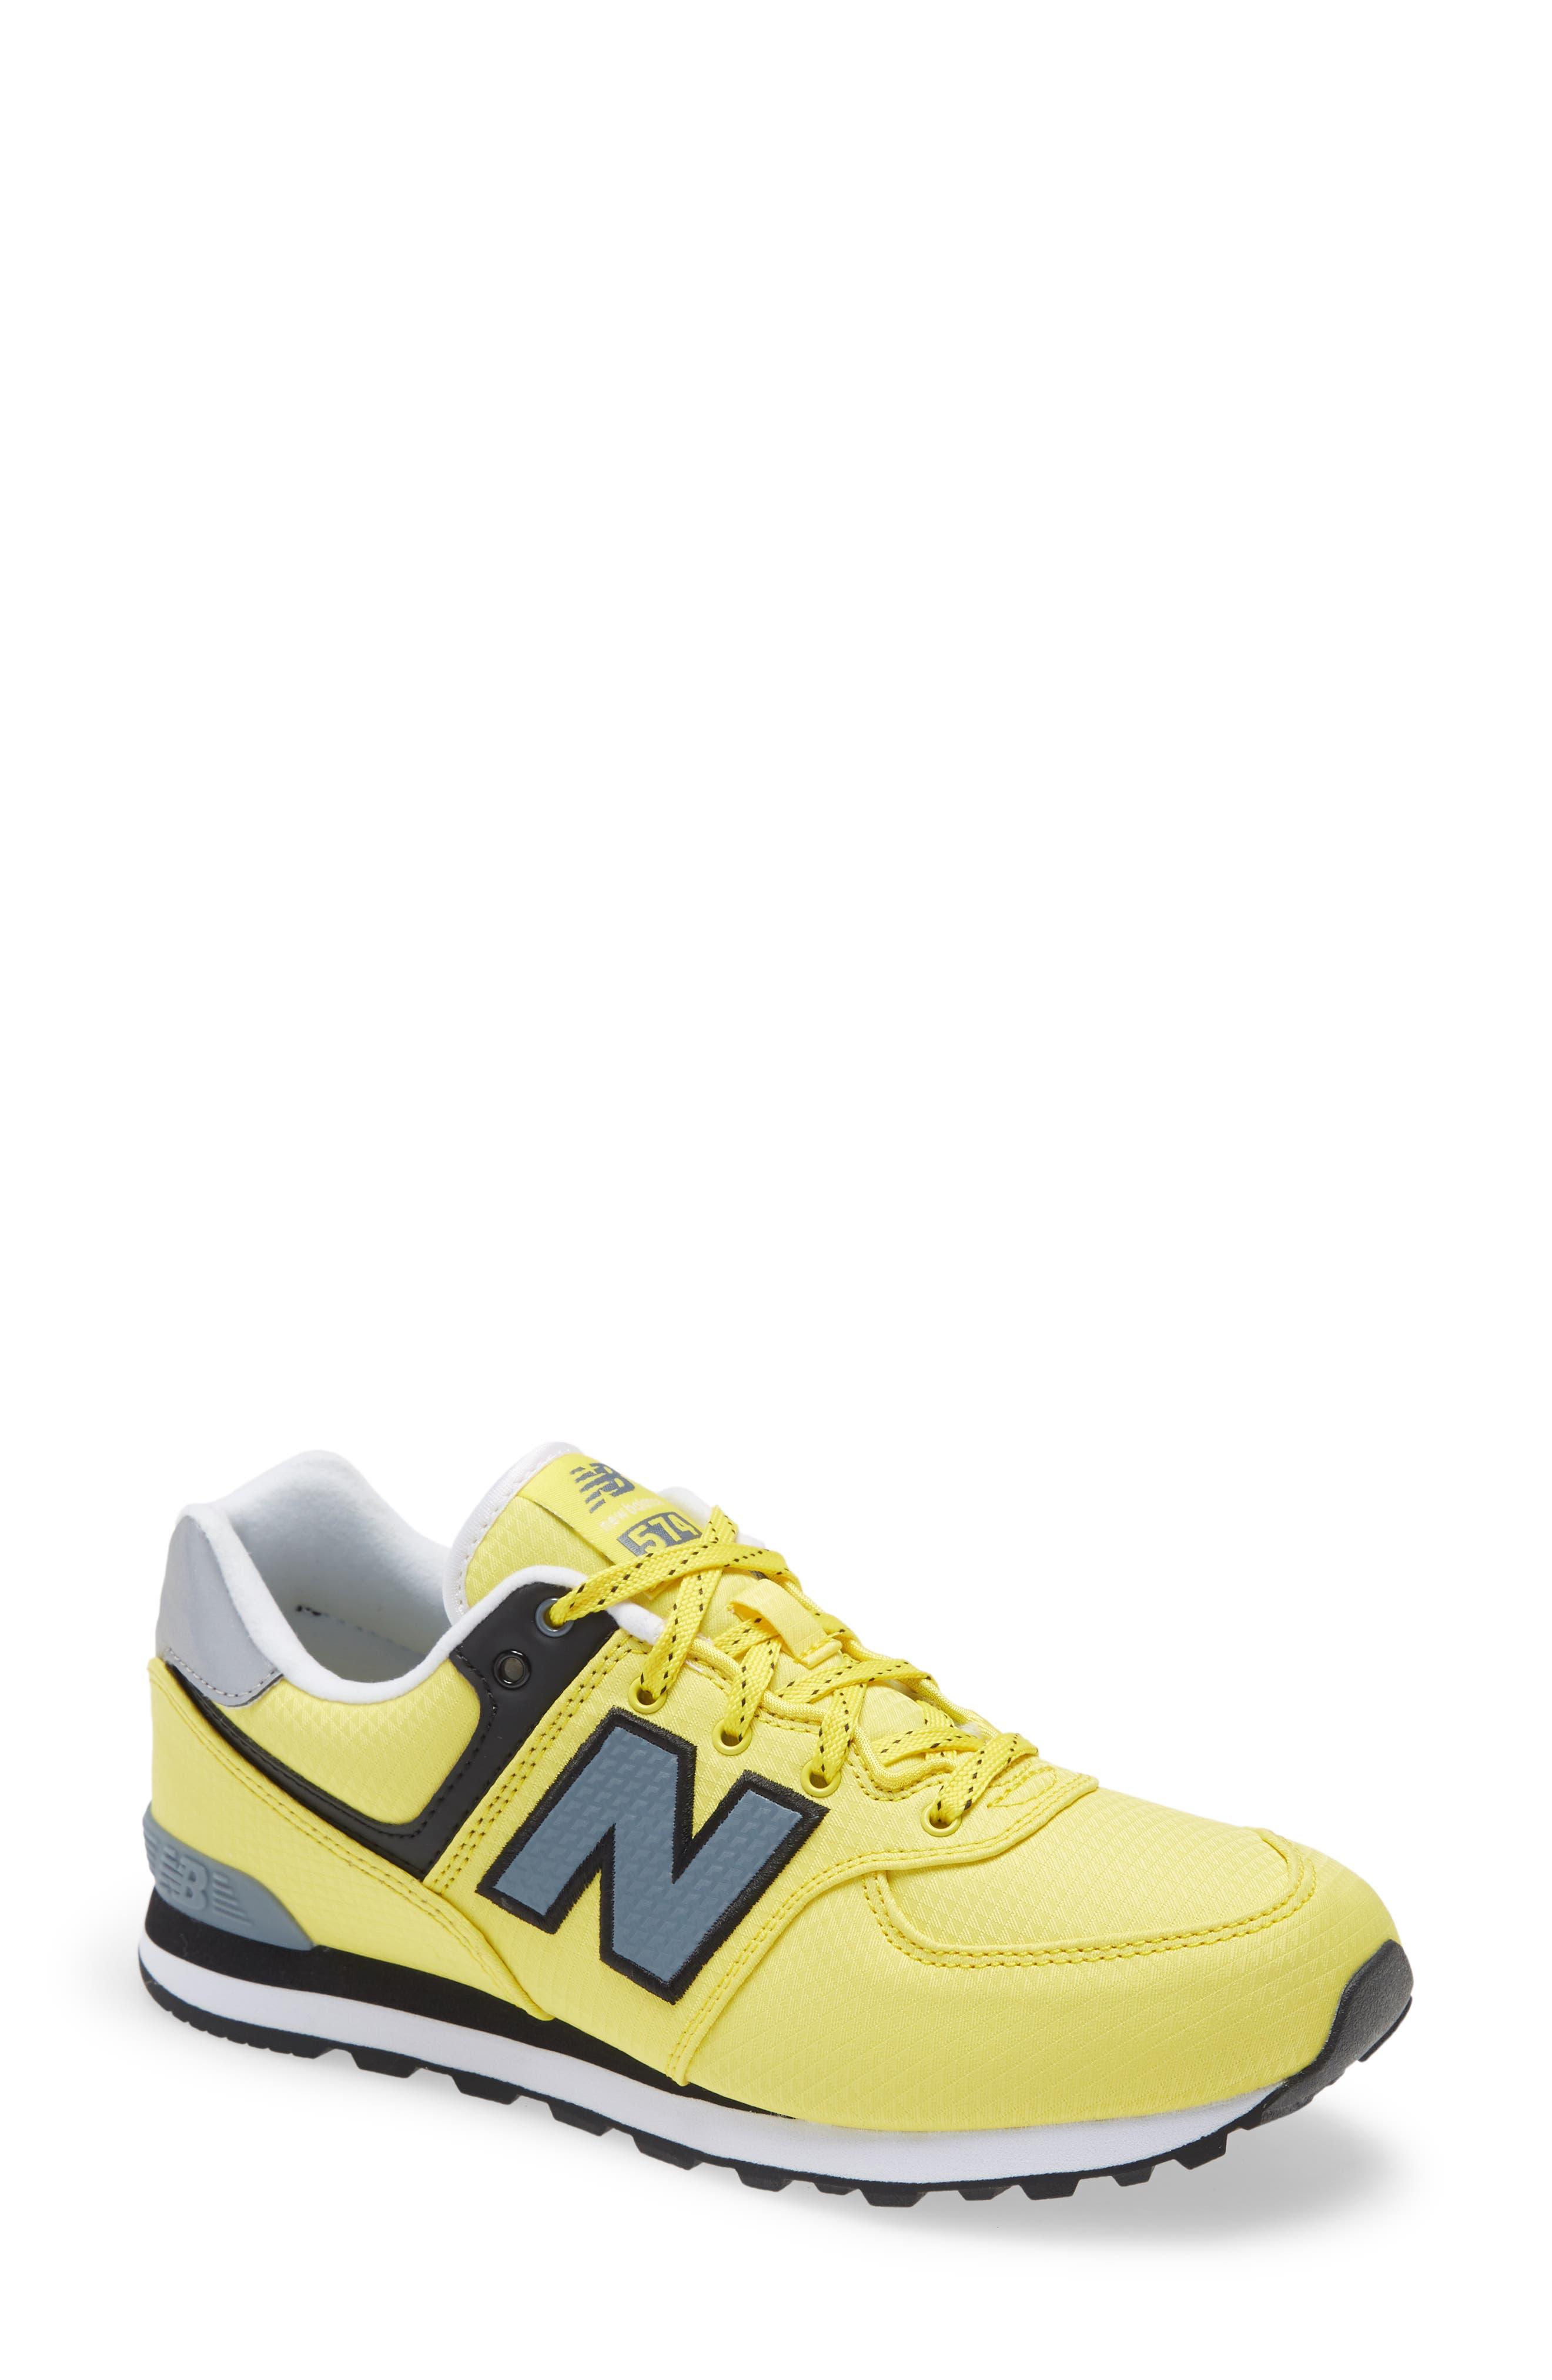 Big Boys' New Balance Shoes (Sizes 3.5-7)